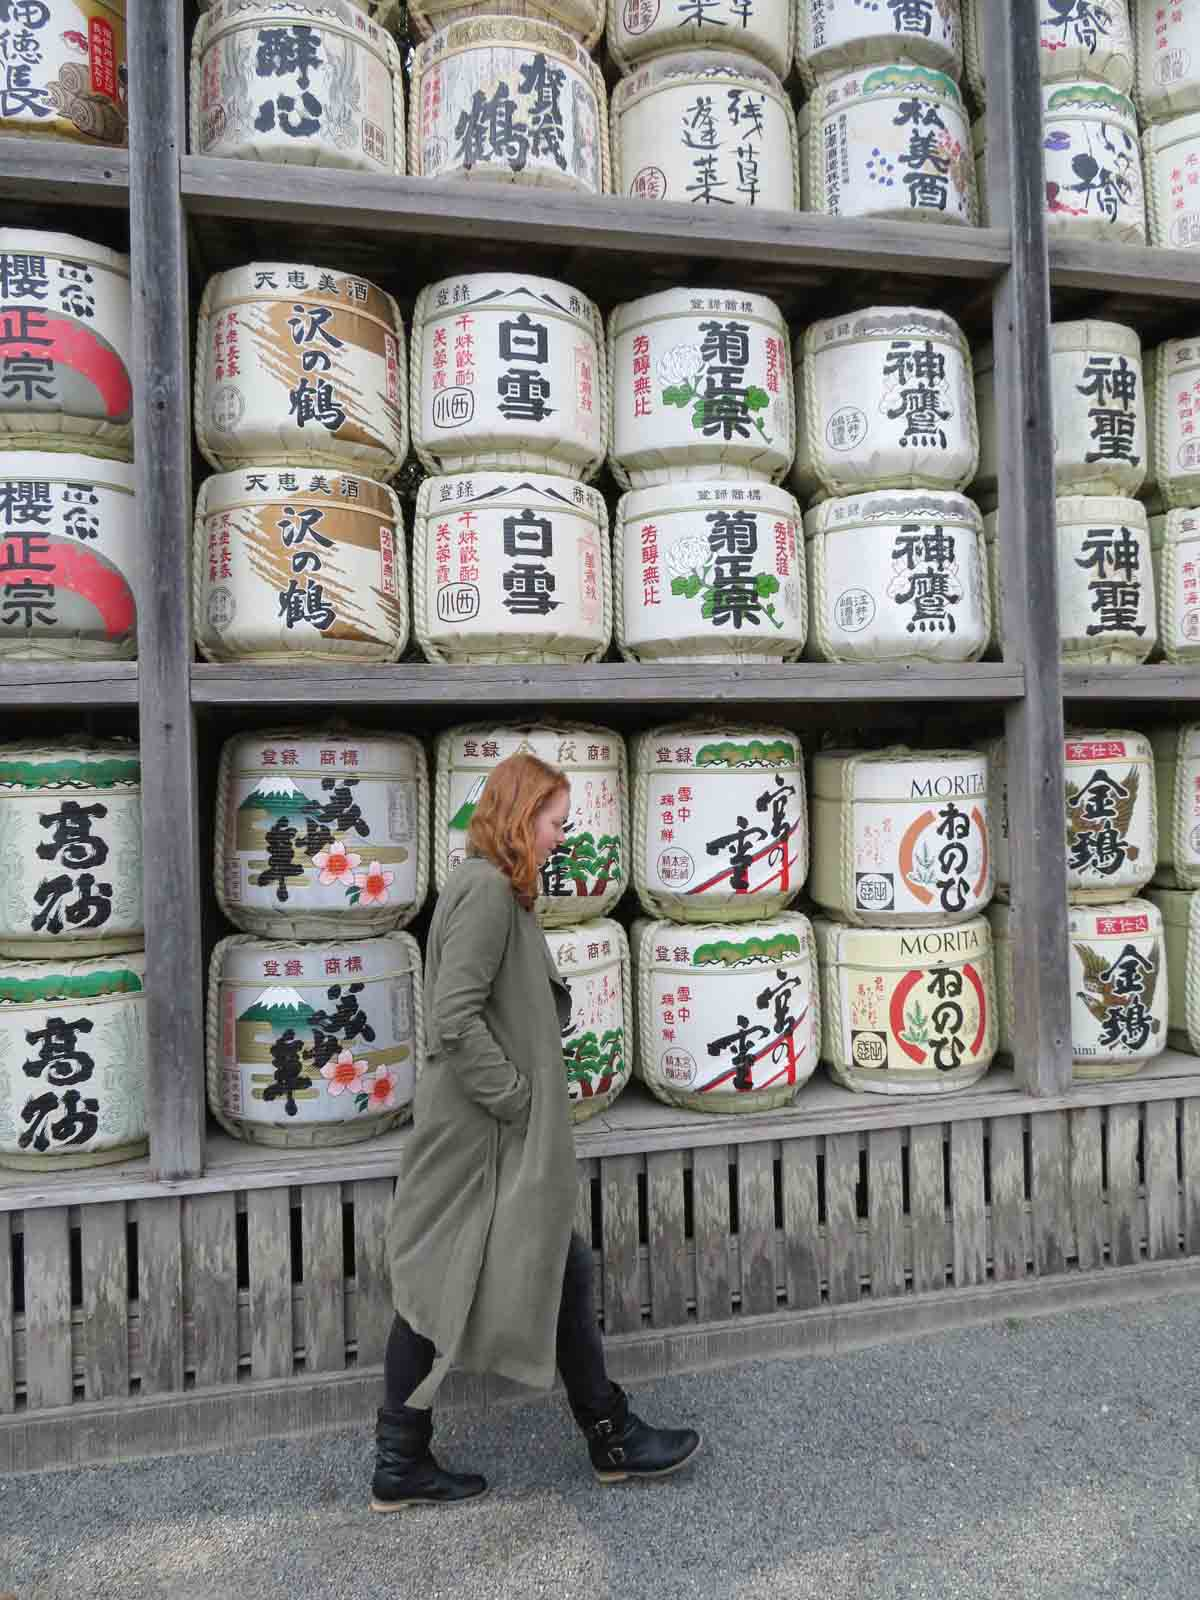 De mooiste bezienswaardigheden van Kamakura [dagtrip vanuit Tokio], Tsurugaoka Hachimangu Shrine - Map of Joy